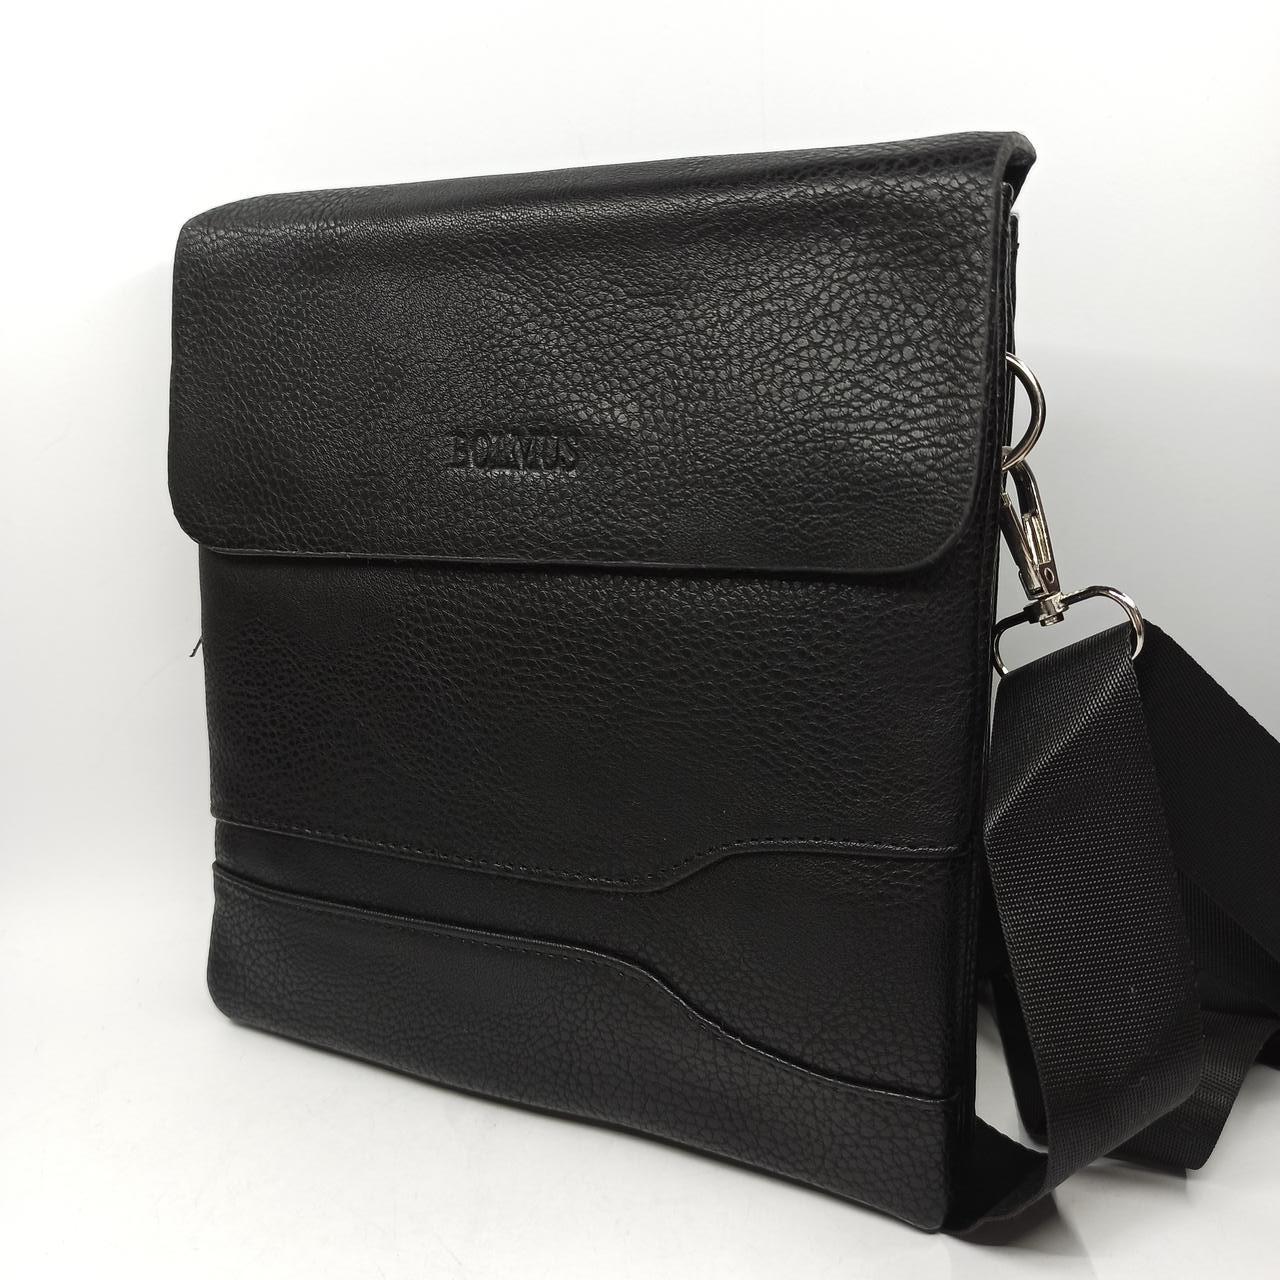 Шкіряна чоловіча сумка через плече / Мужская кожаная сумка через плечо